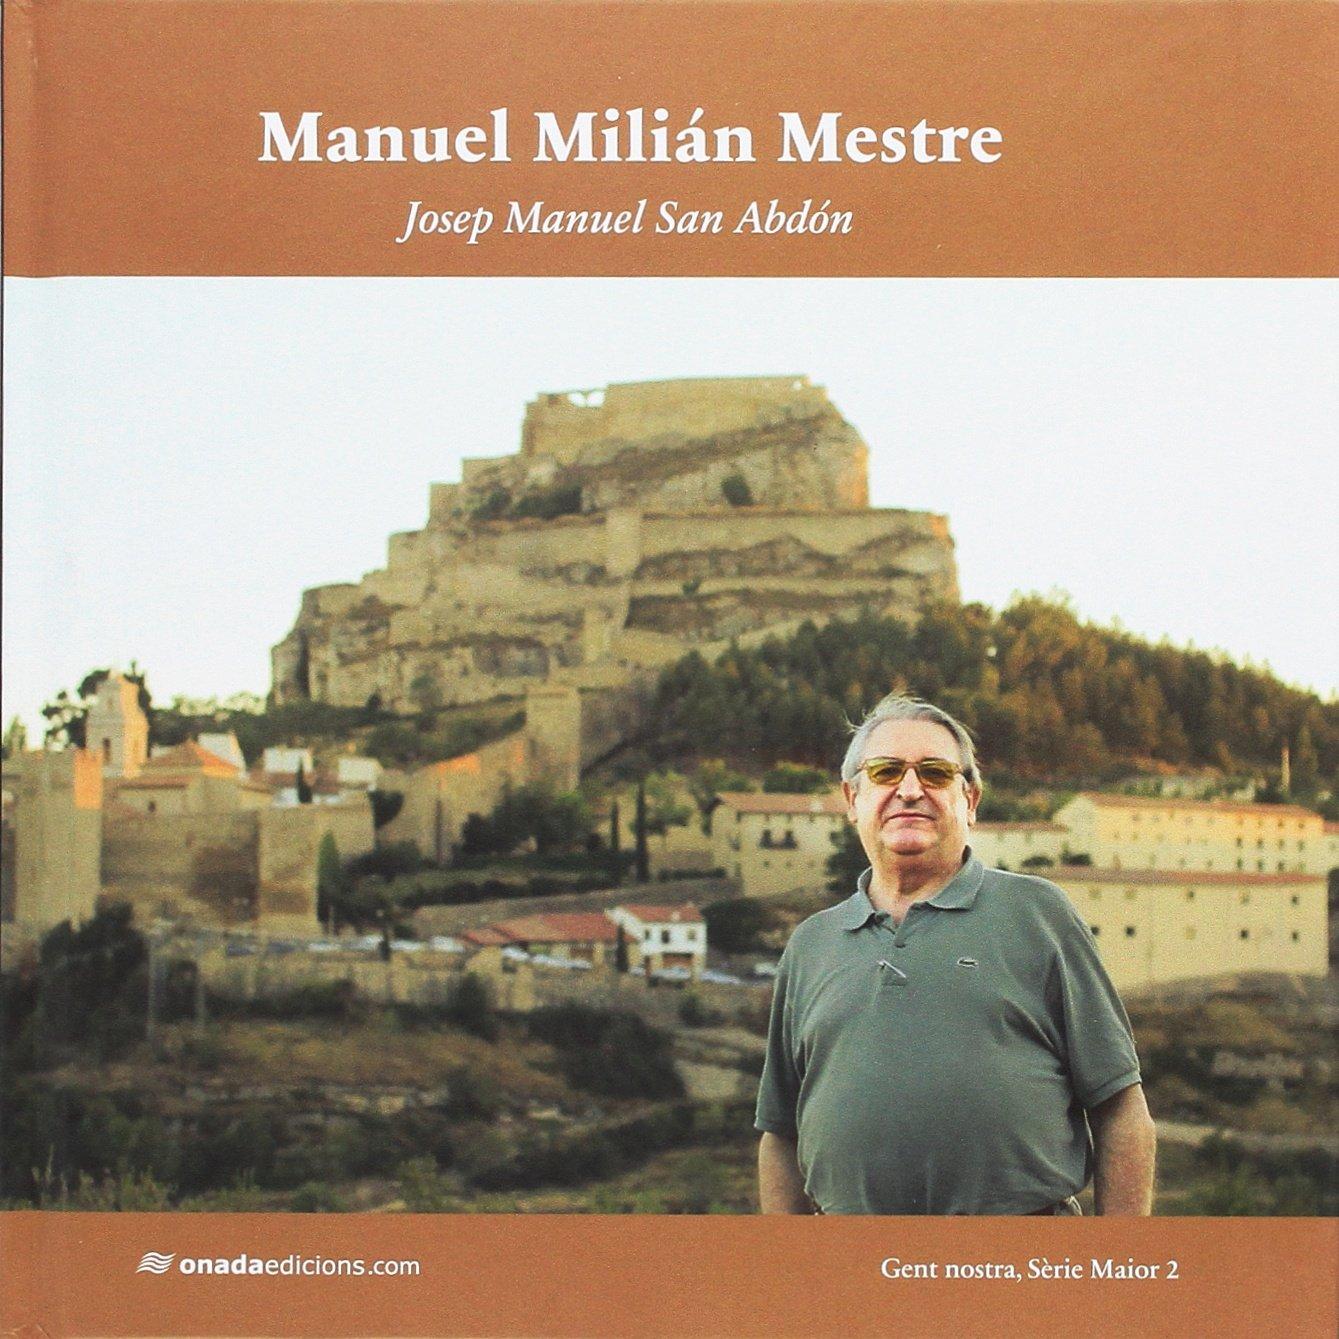 Manuel Milian Mestre